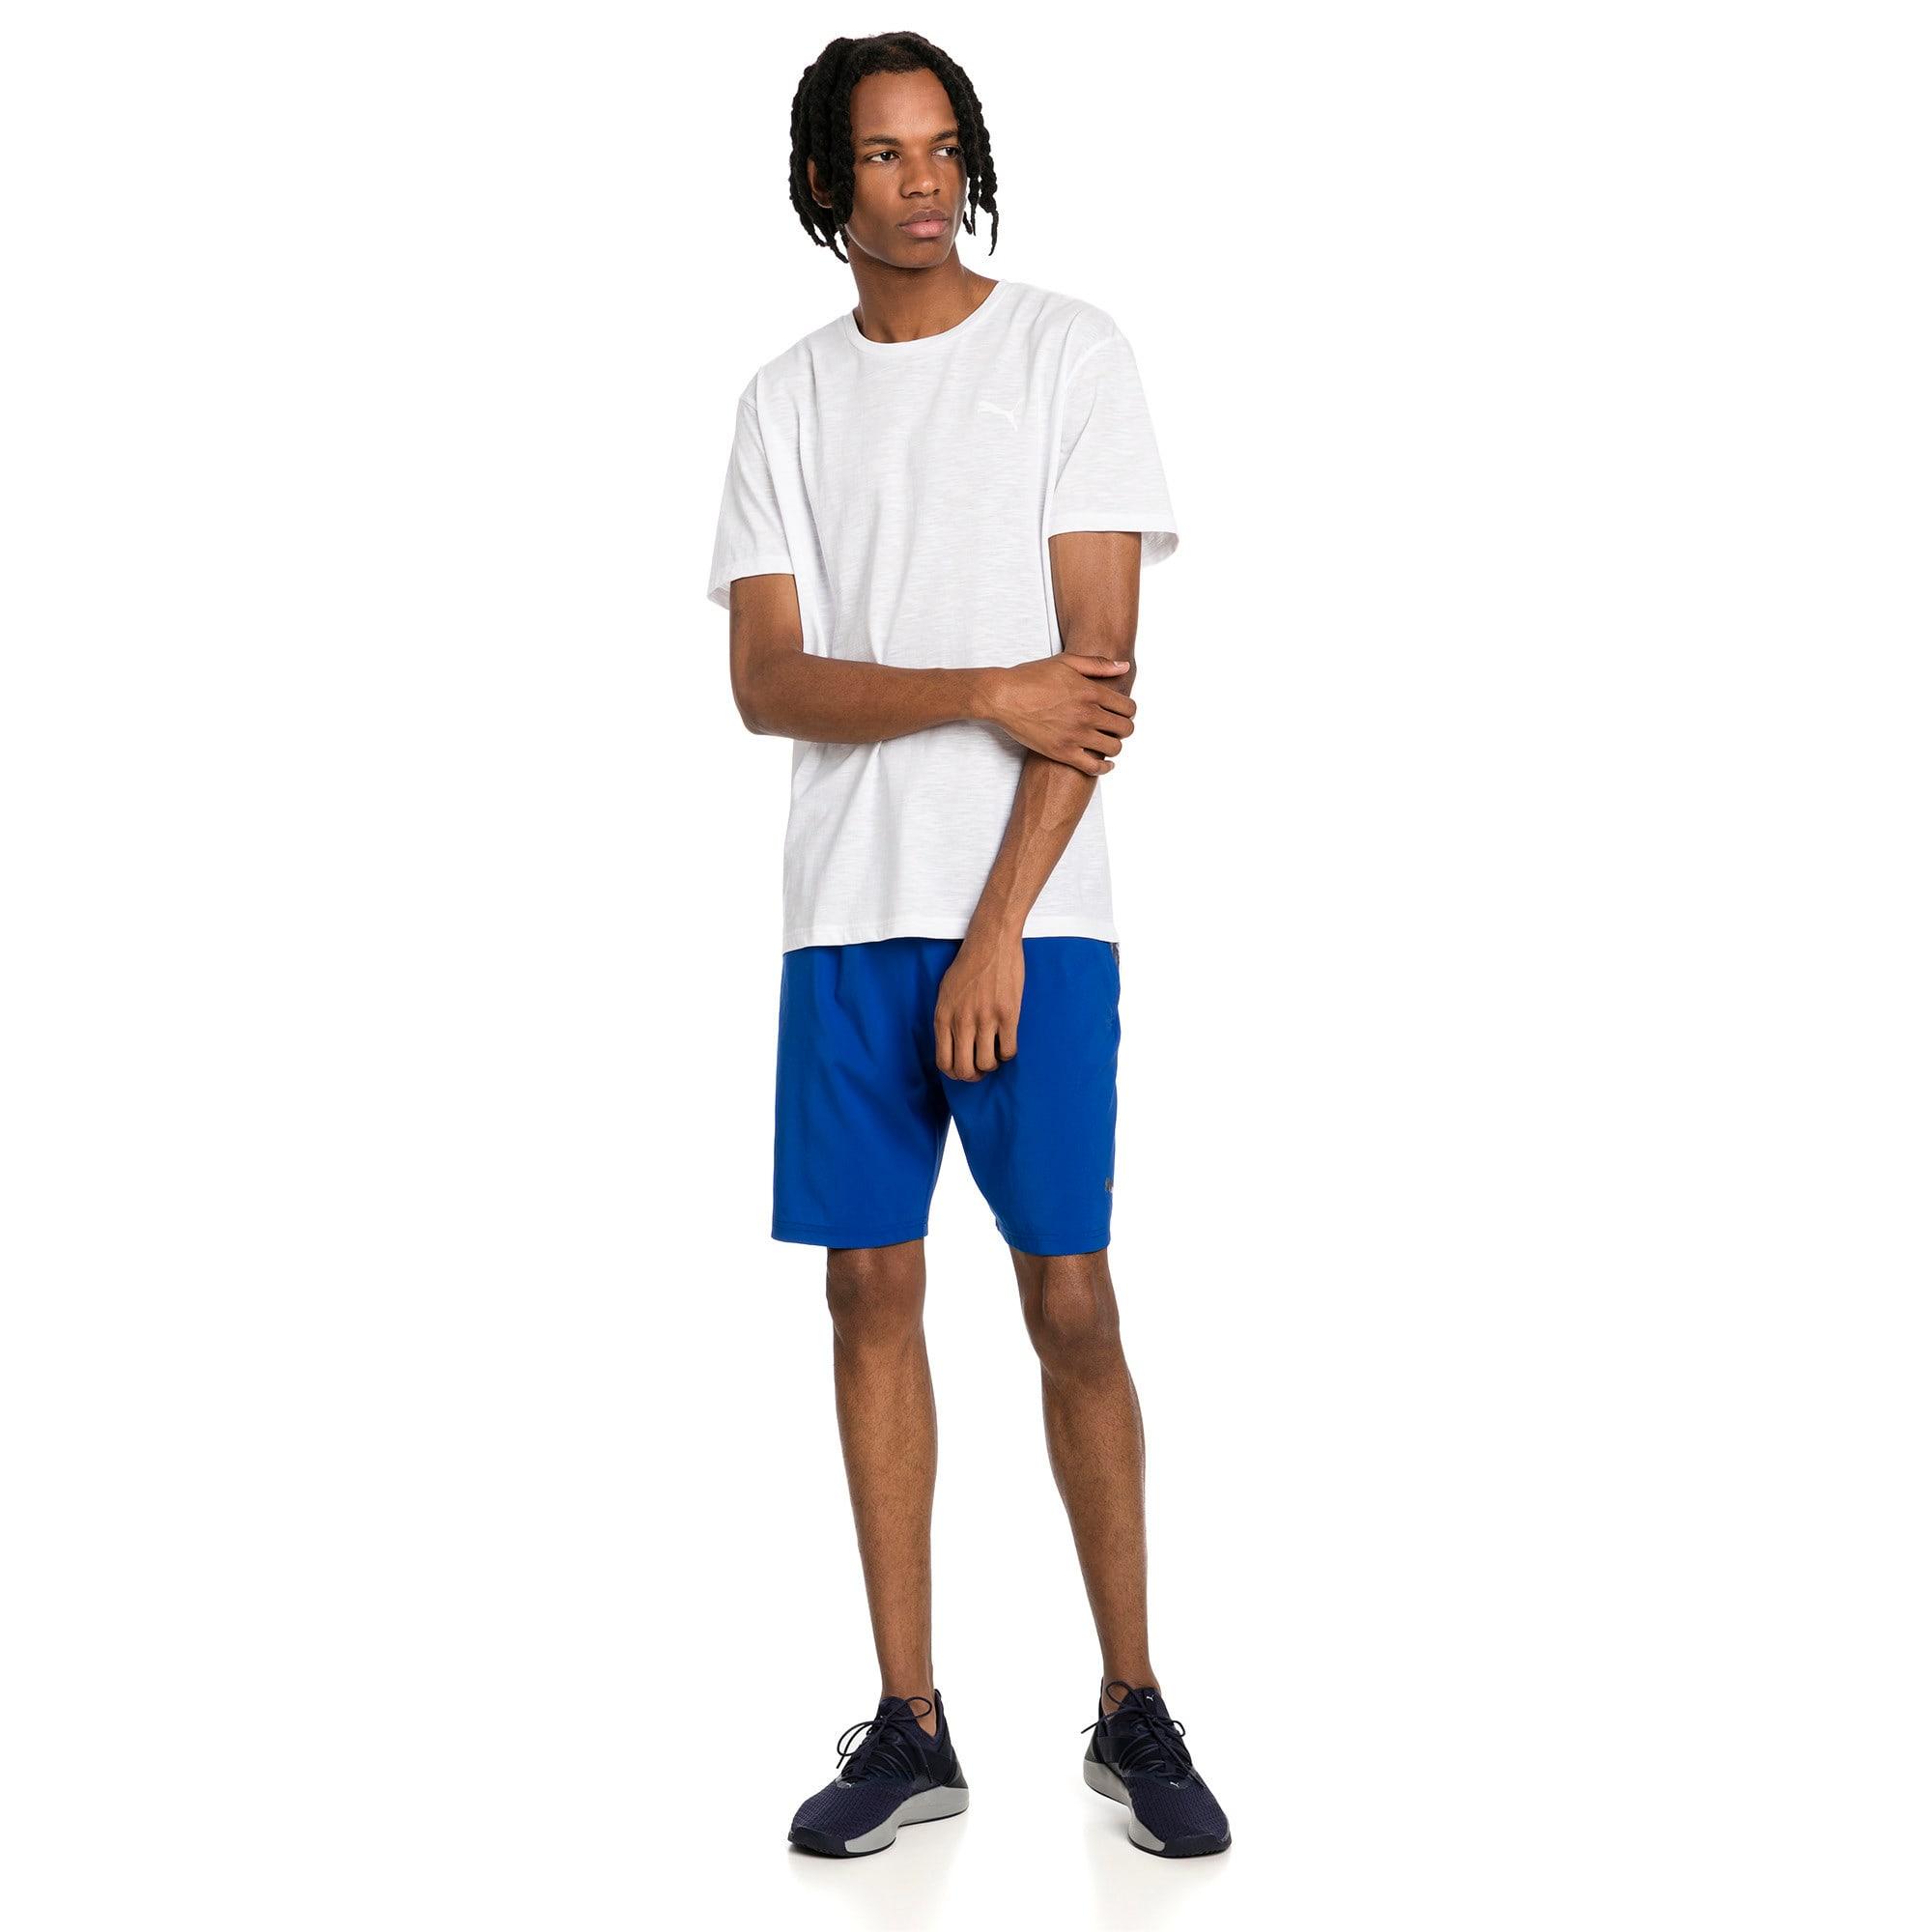 Thumbnail 3 of Energy Herren Training T-Shirt, Puma White, medium